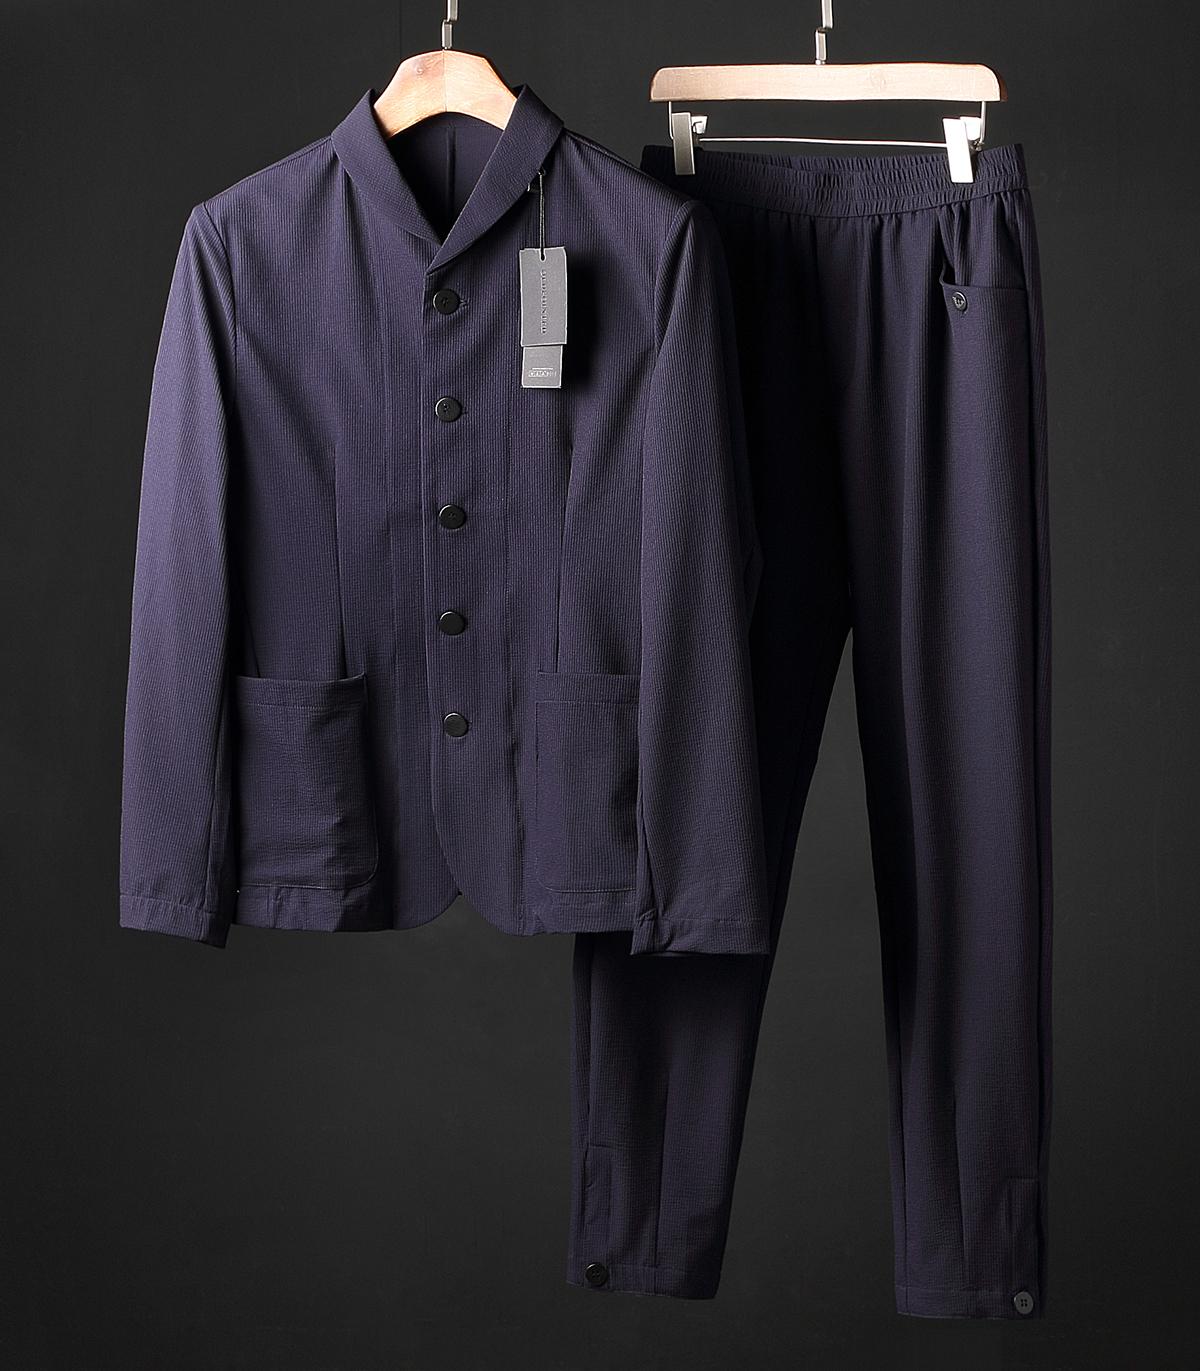 Деловые костюмы для мужчин Артикул 545255557373